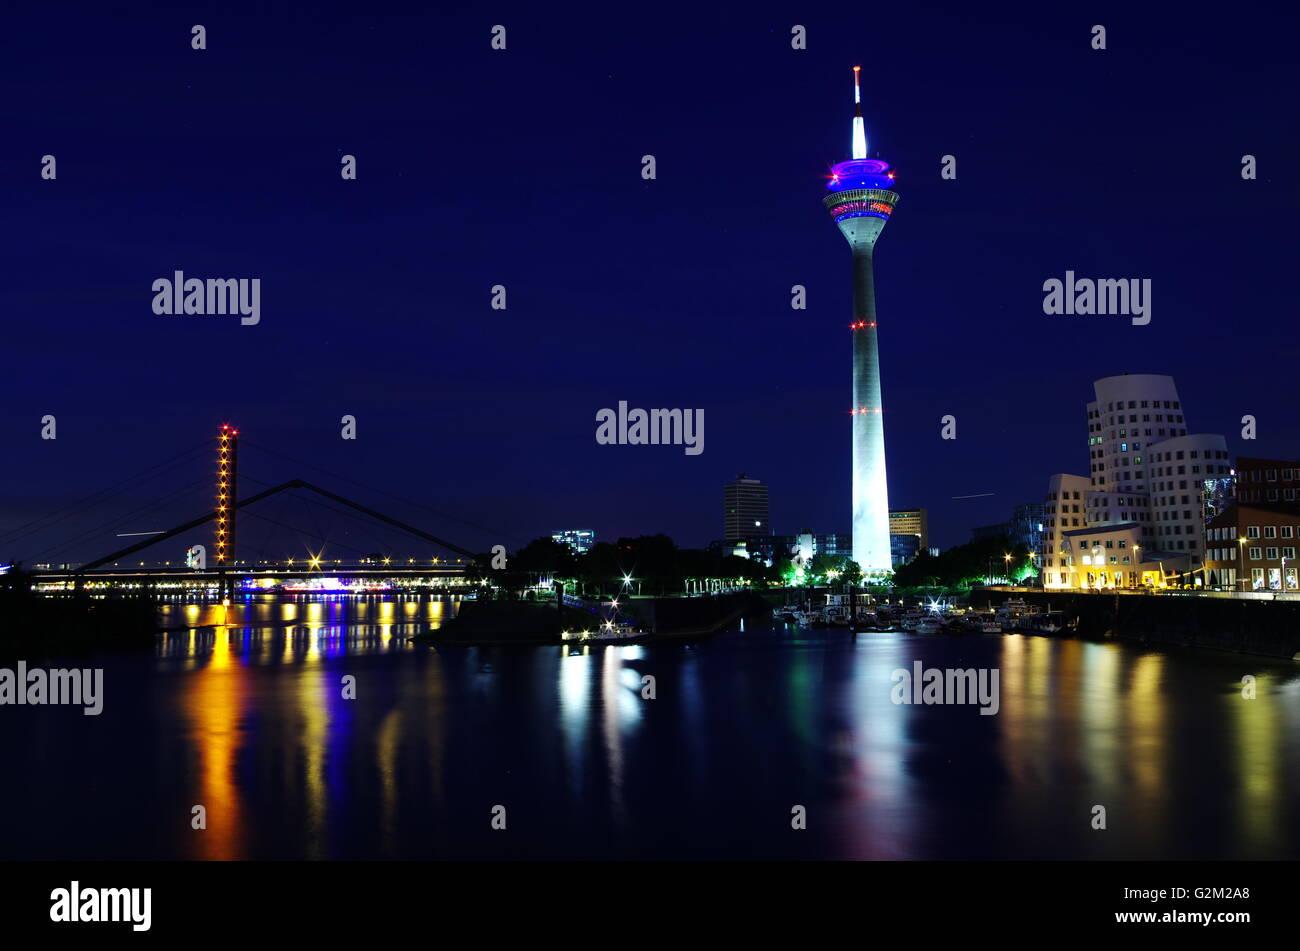 Rheinturm in Düsseldorf - Stock Image